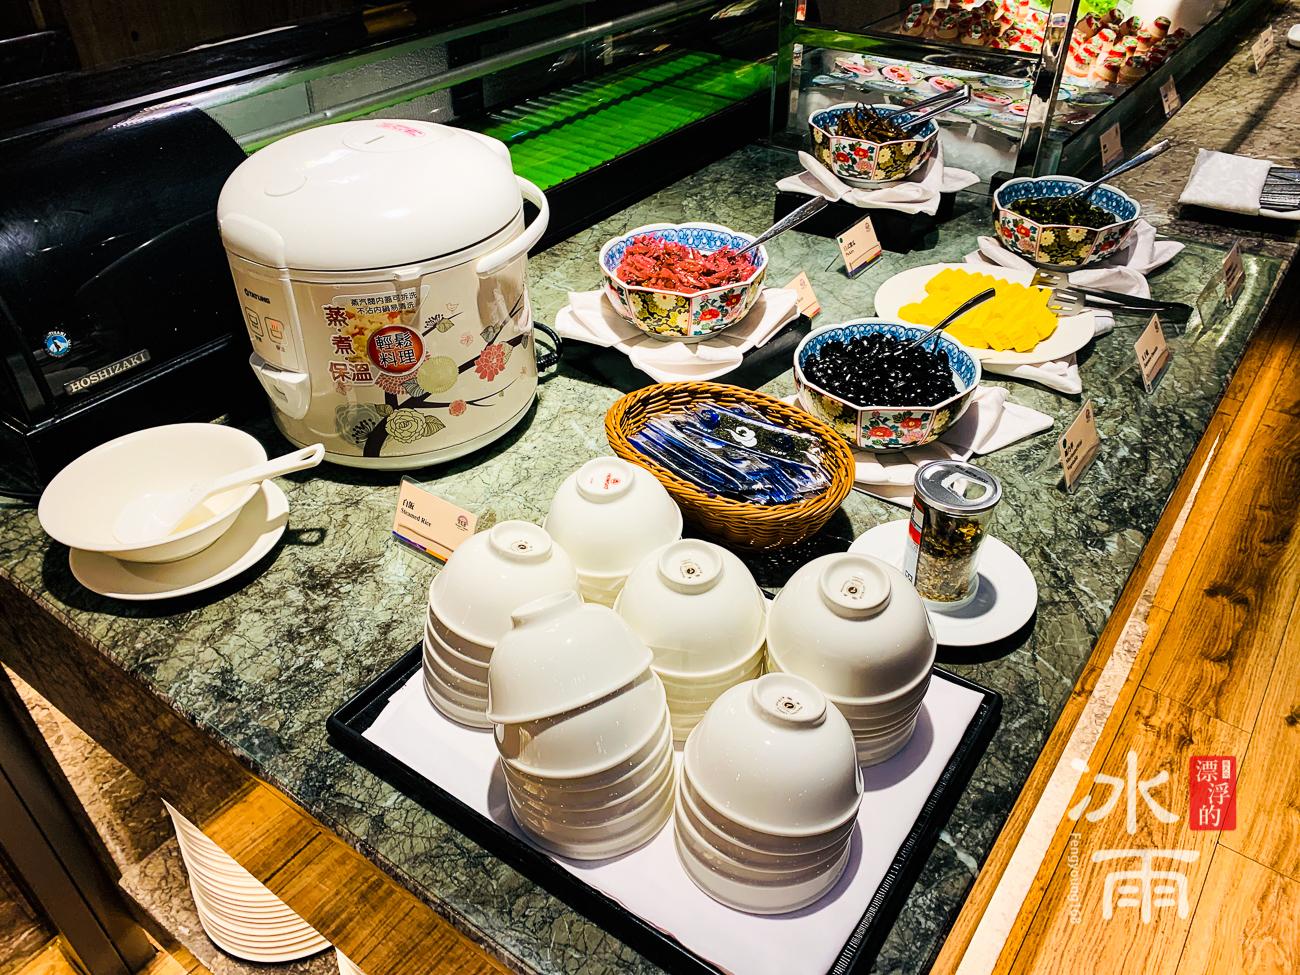 福華大飯店|稀飯區